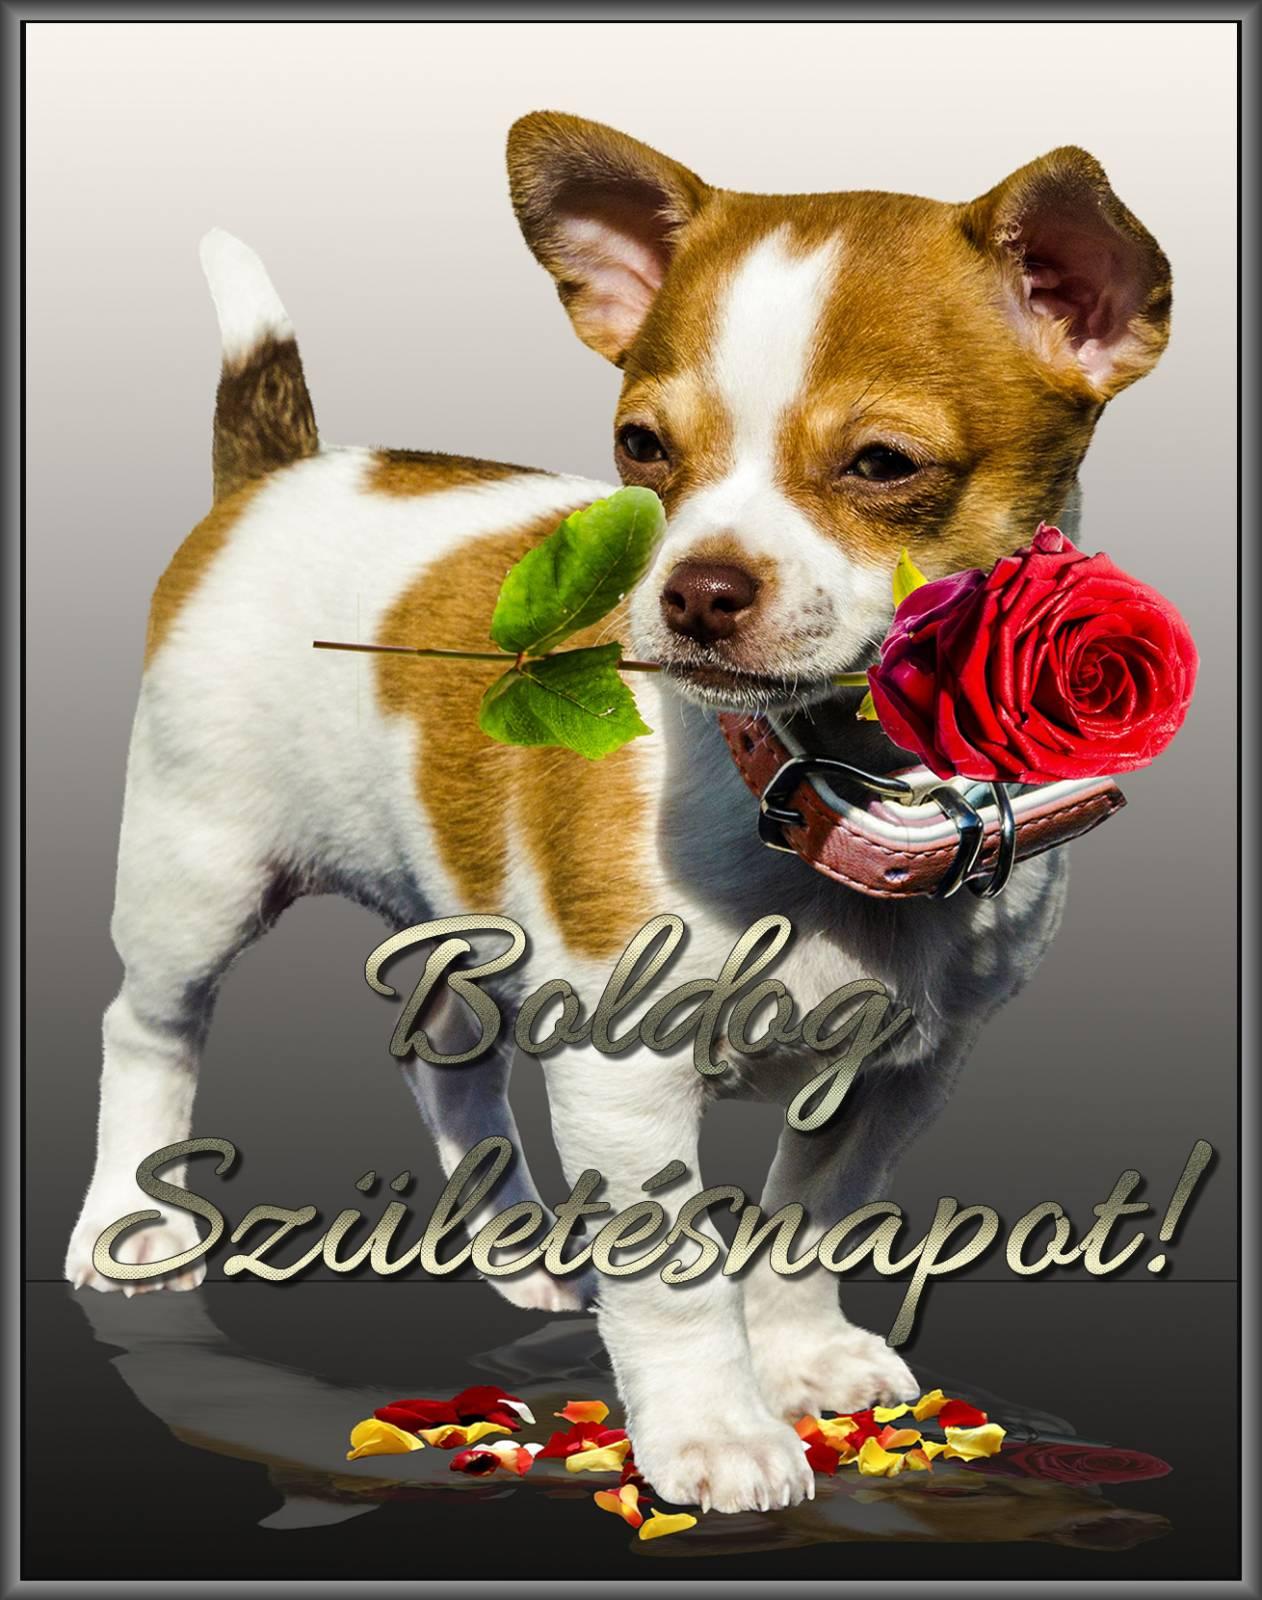 születésnapi képeslapok letöltése Kutya virággal, szülinapi kép   Képeslapküldés   e kepeslap.com születésnapi képeslapok letöltése